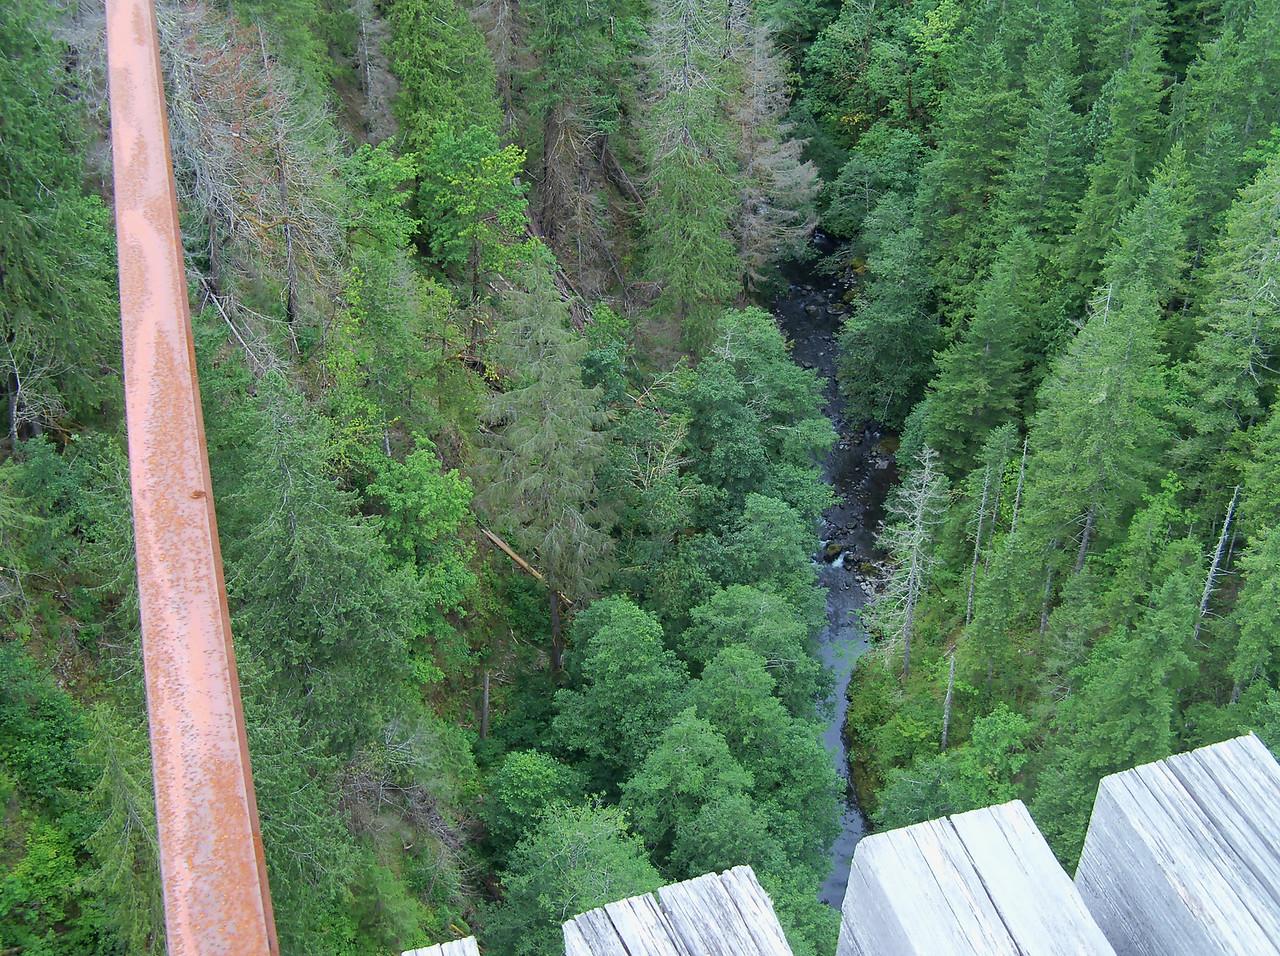 Vance Creek below..